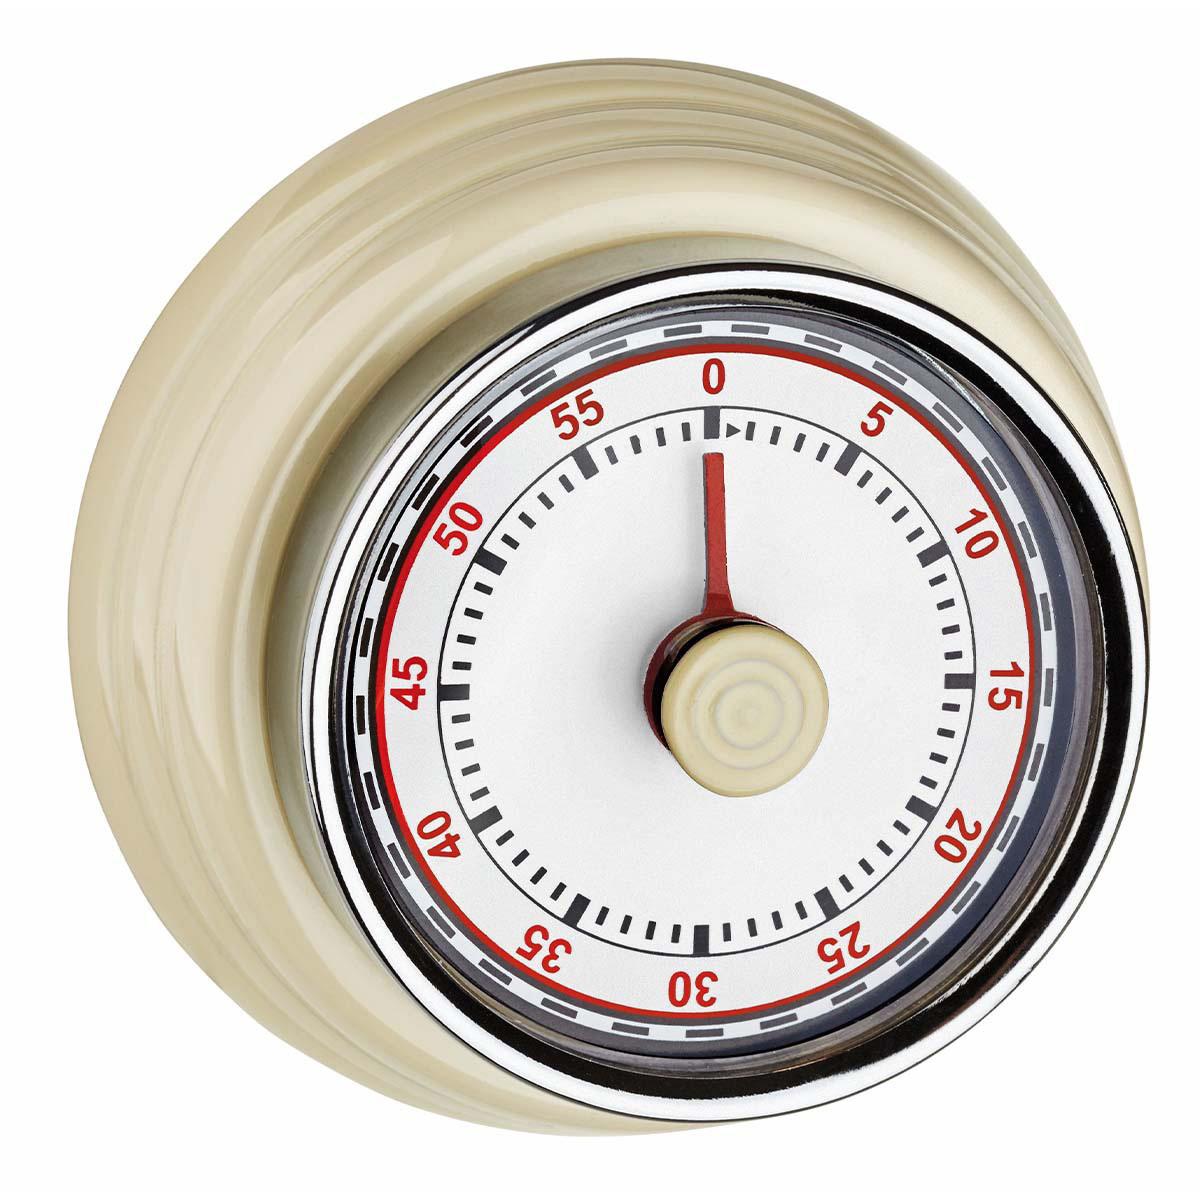 38-1037-09-analoger-küchen-timer-1200x1200px.jpg